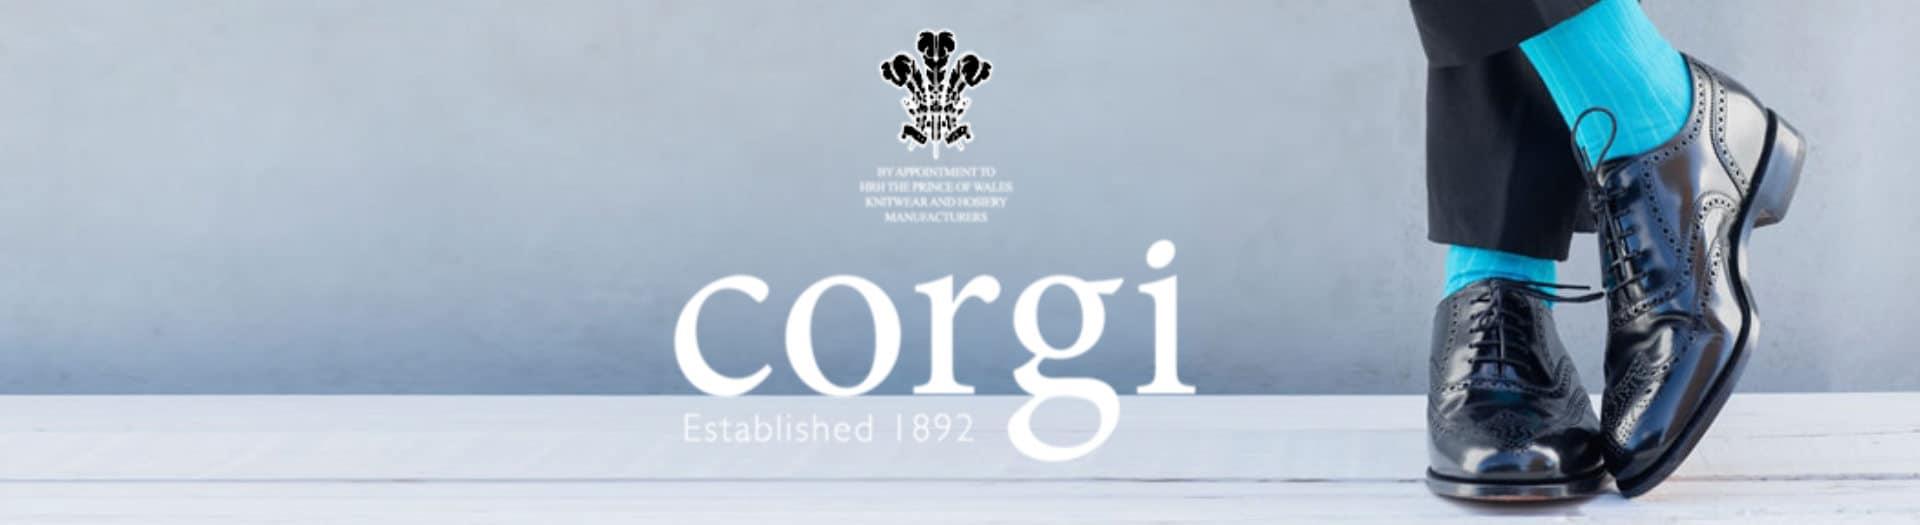 1920x525 Corgi socks Logo header 2